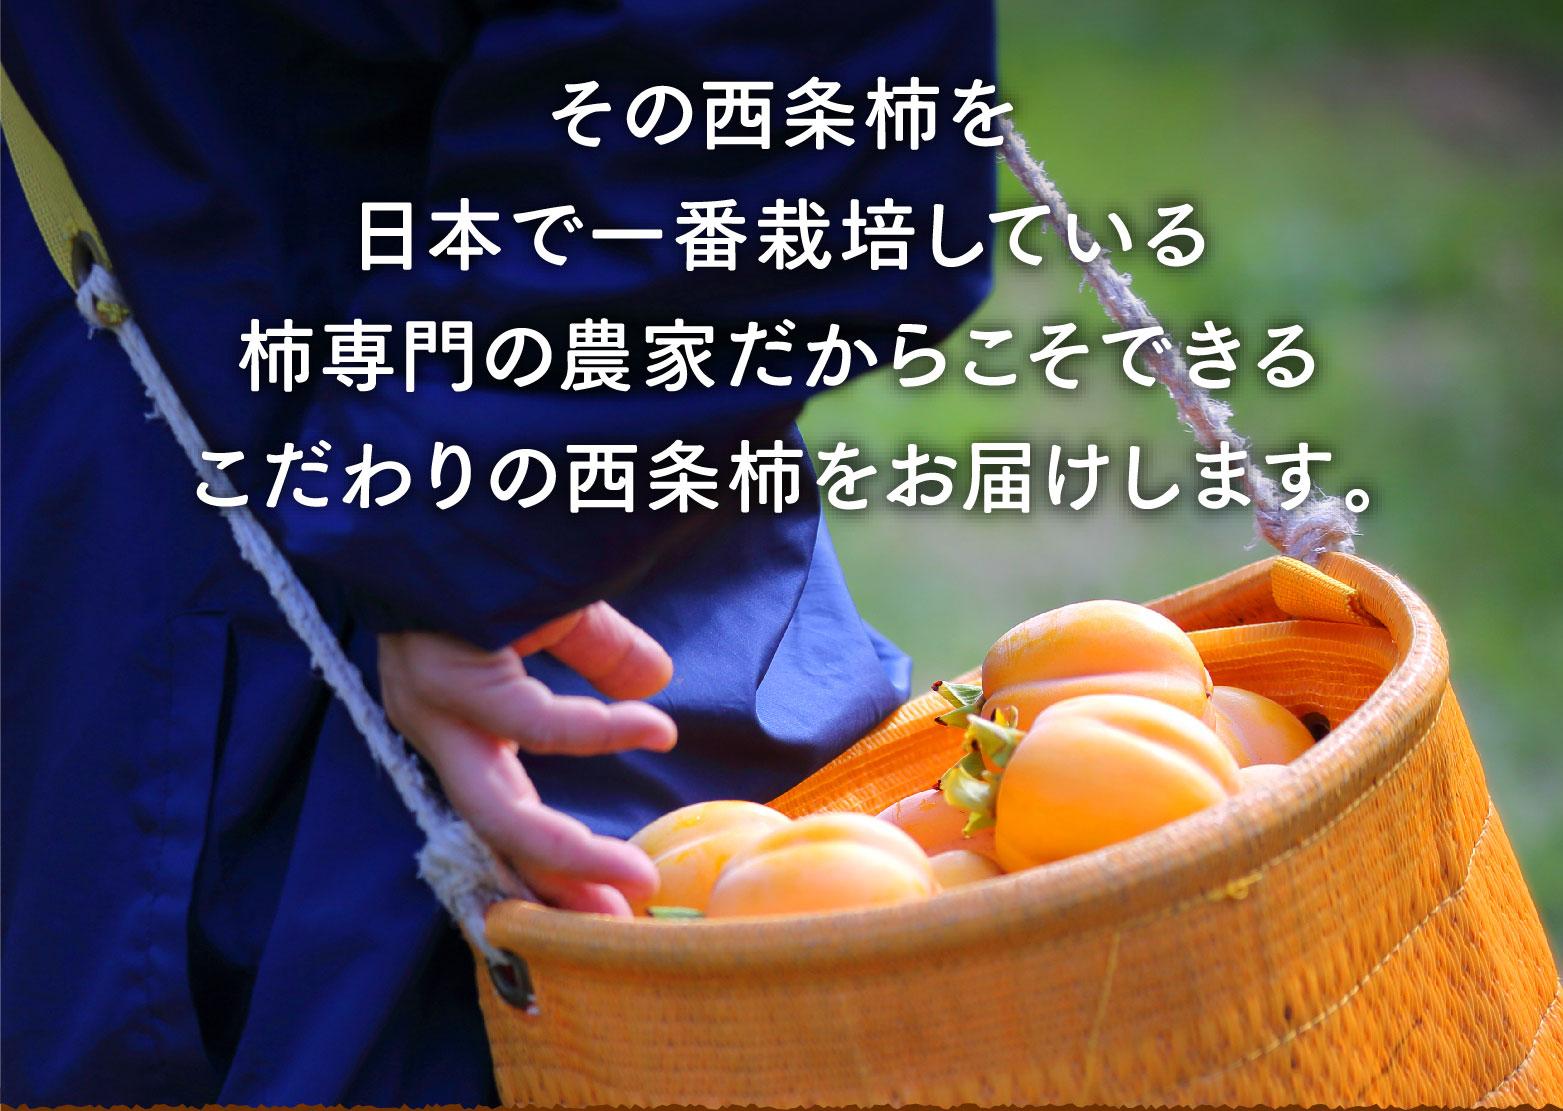 その西条柿を日本で一番栽培している柿専門の農家だからこそできるこだわりの西条柿をお届けします。